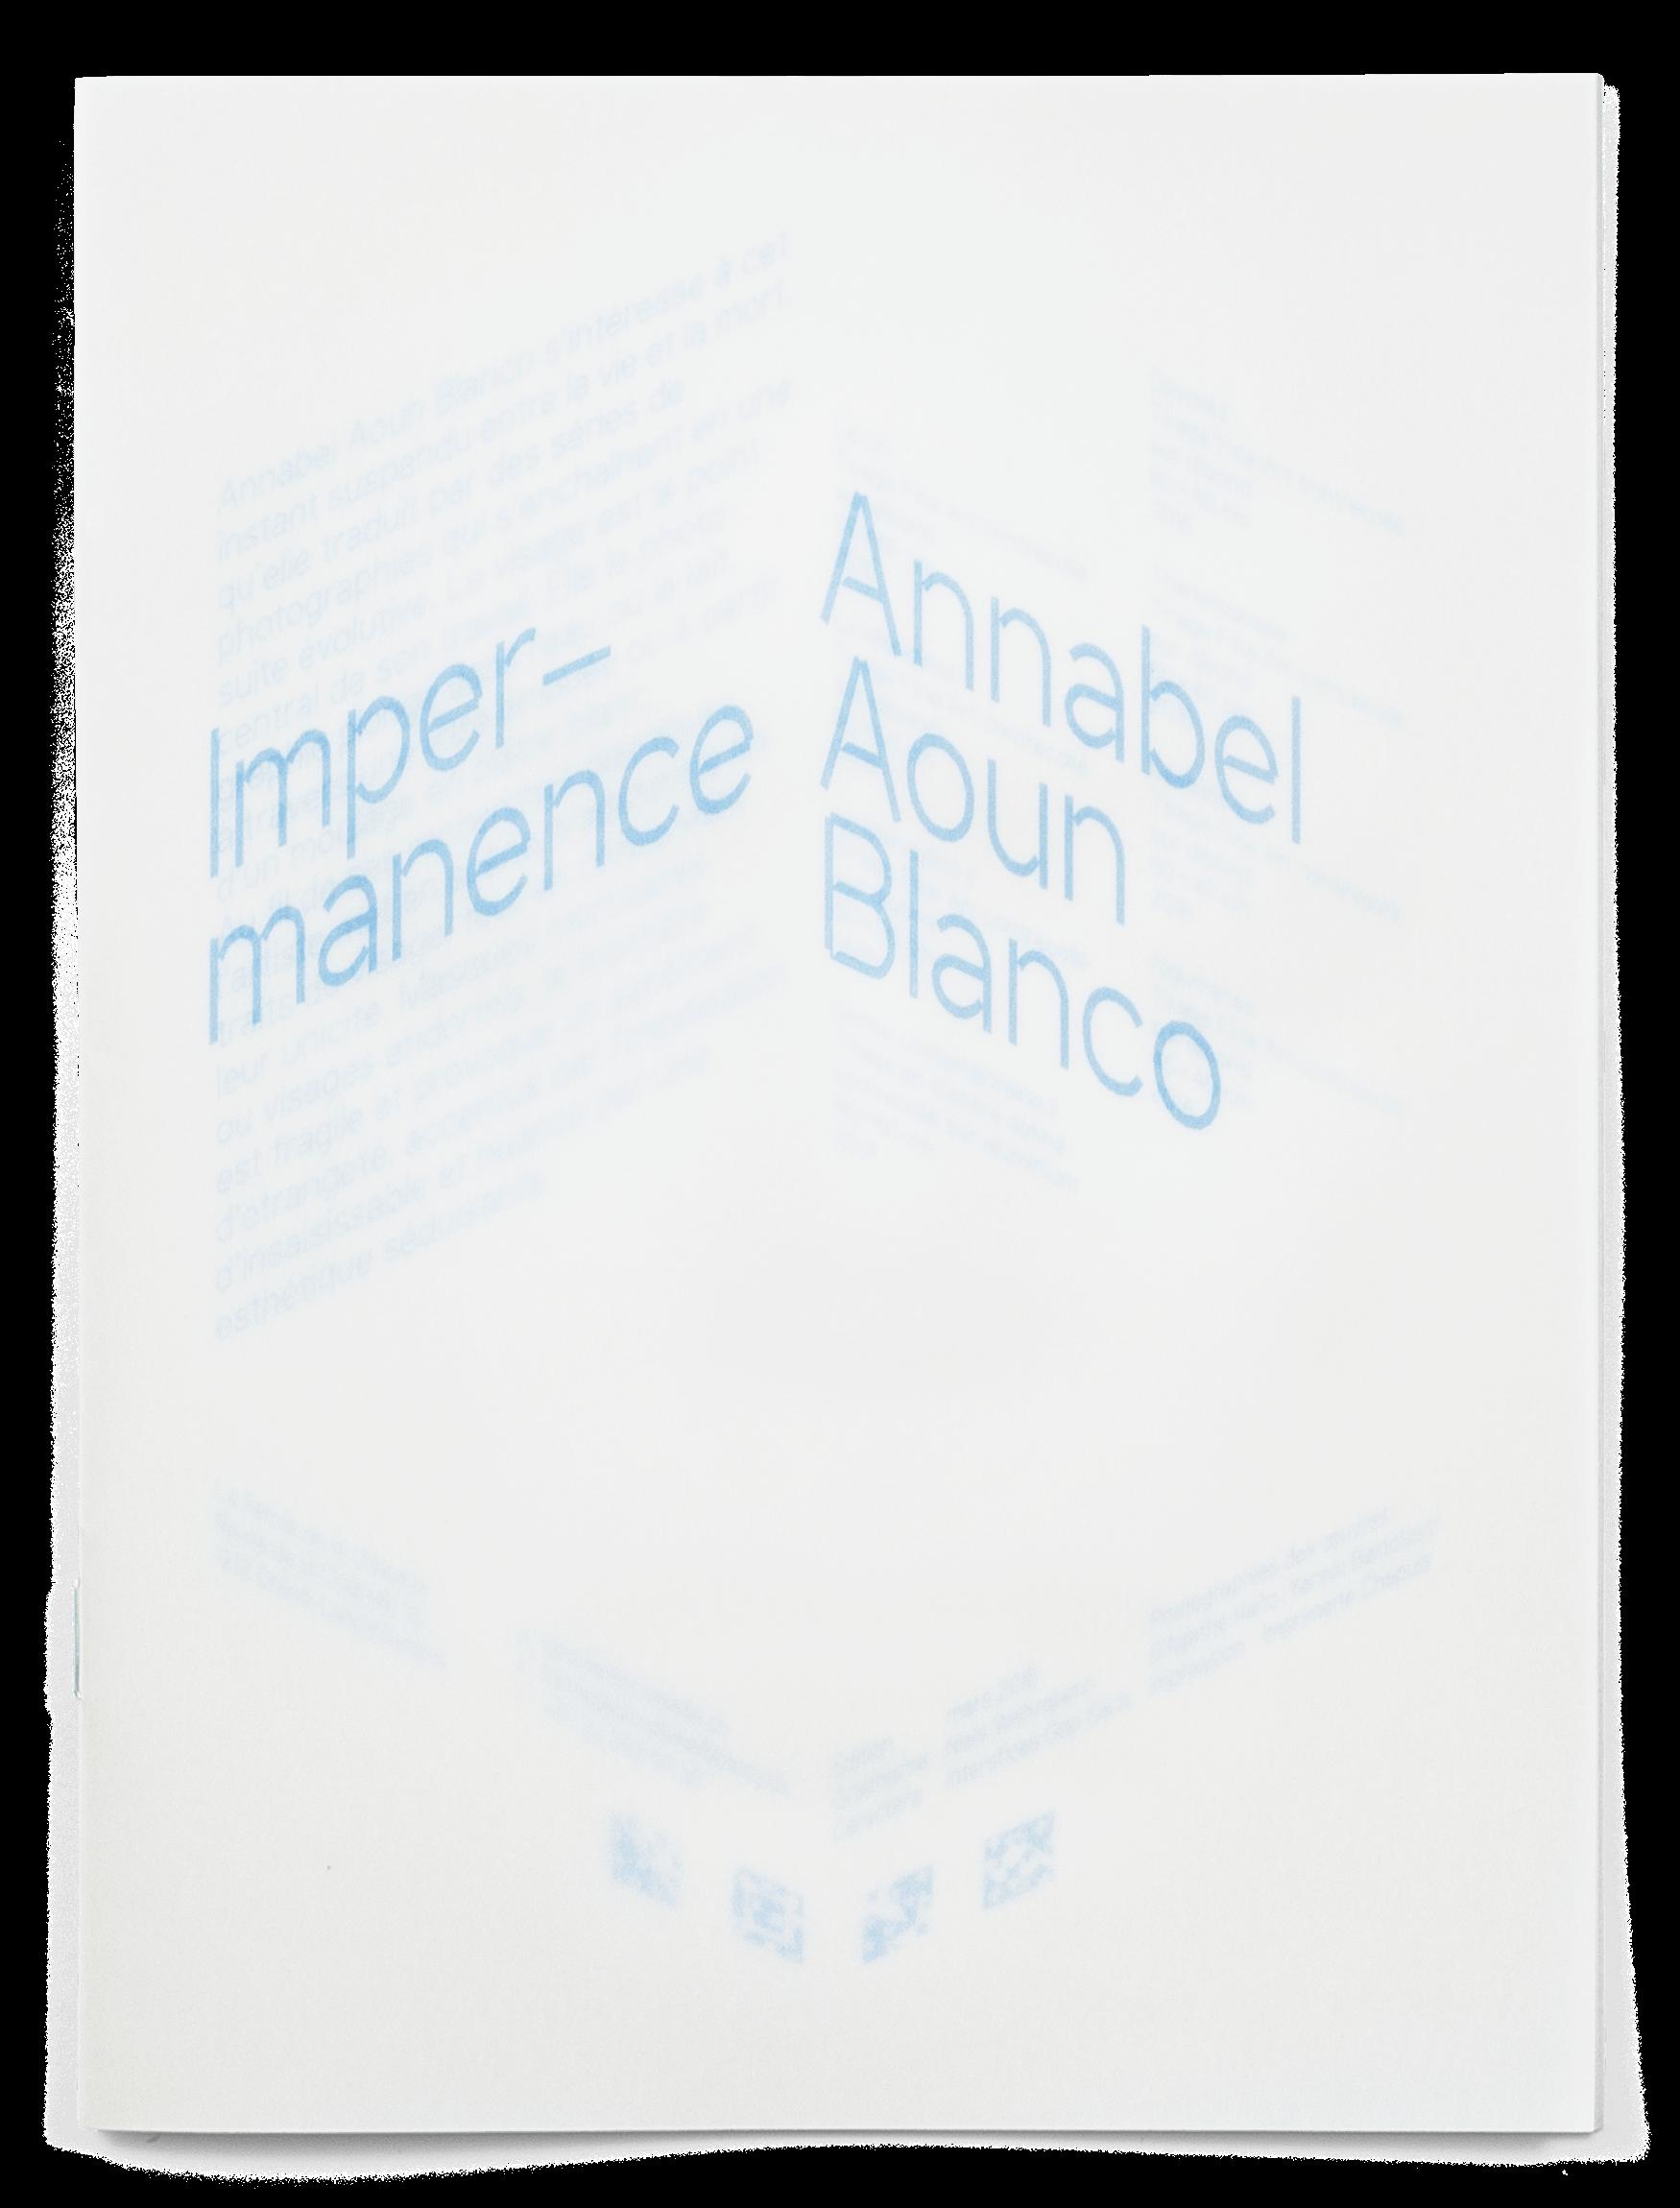 Annabel Aoun Blanco, Agathe Naïto, brochure